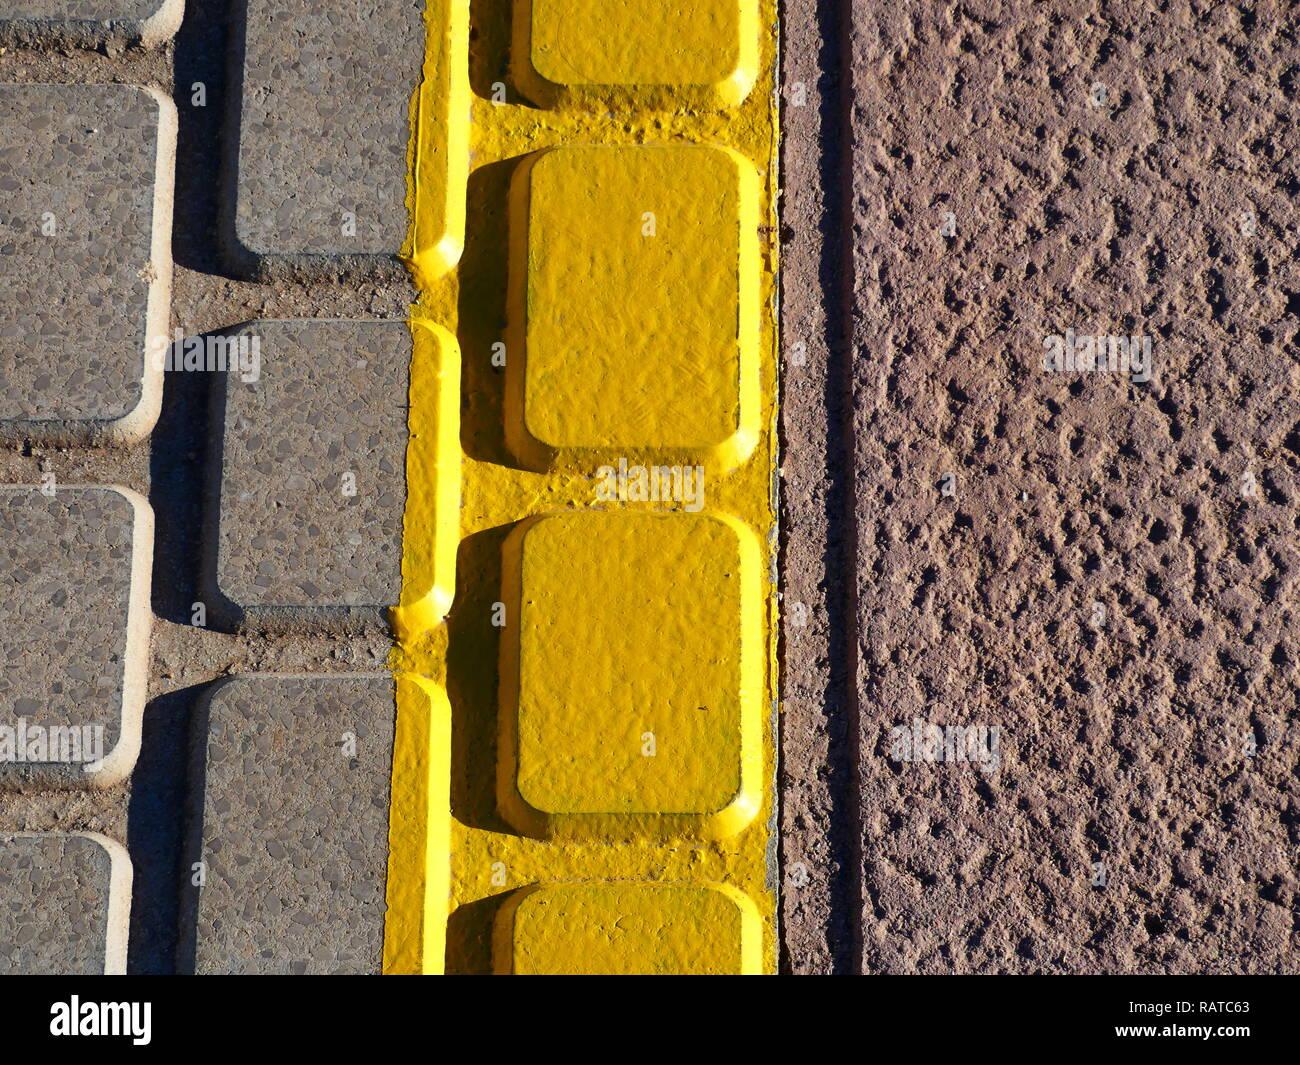 Yellow markings on the floor - Stock Image